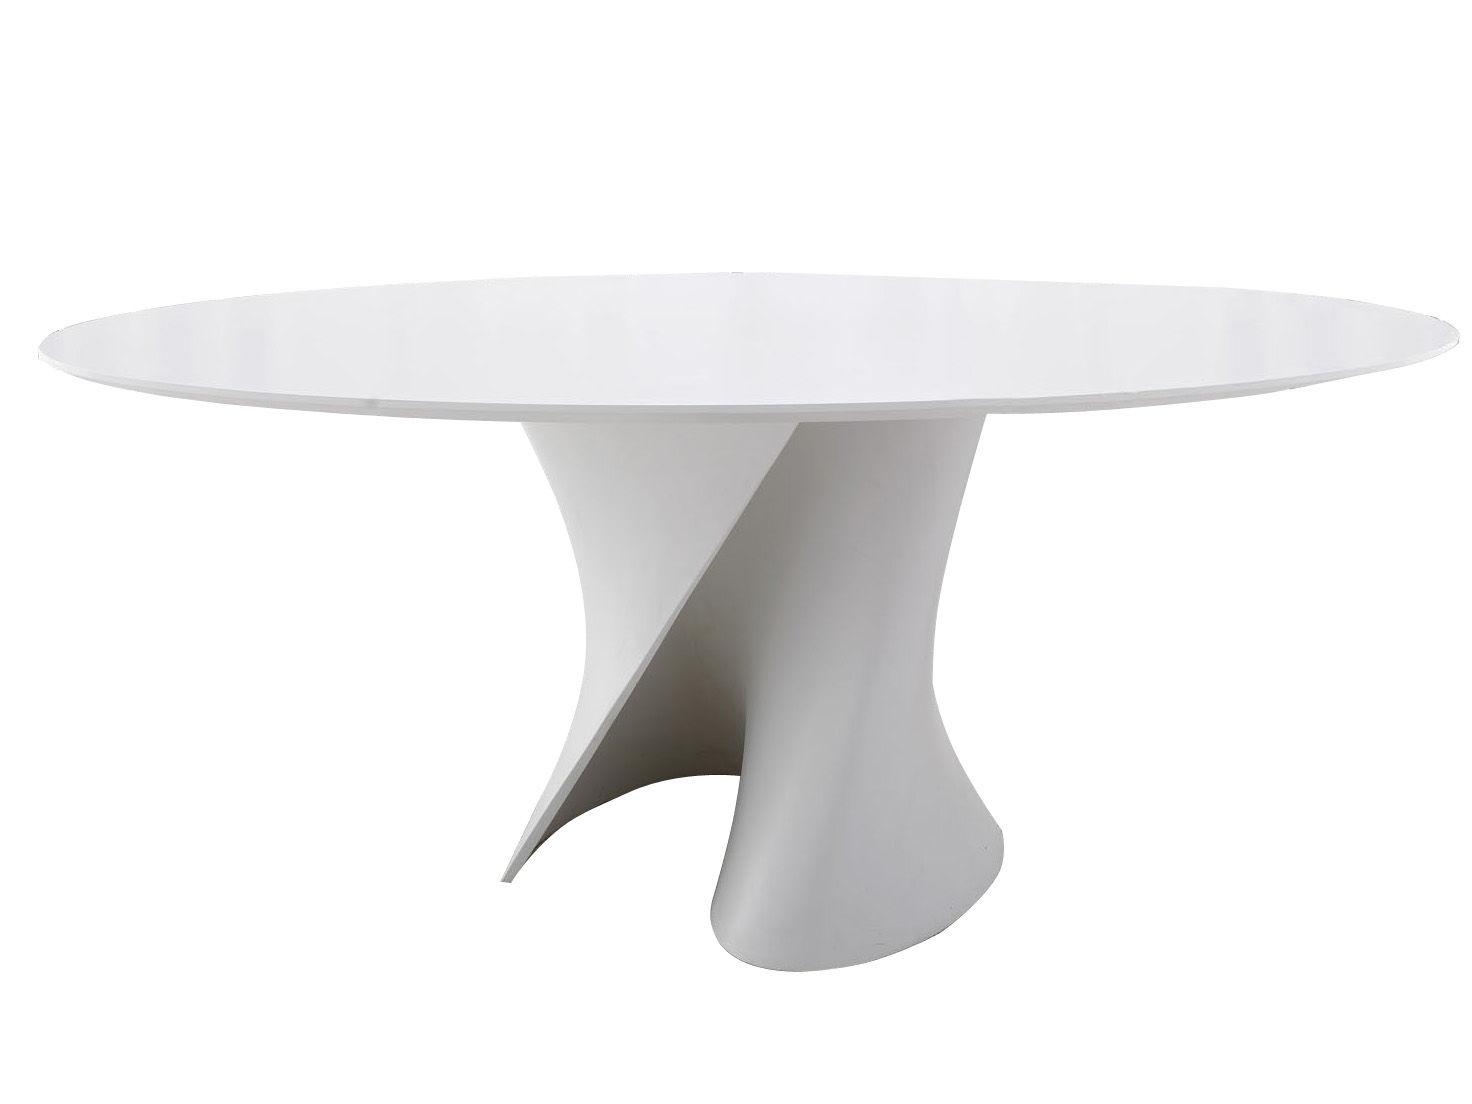 Möbel - Tische - S Ovaler Tisch oval - 210 x 150 cm - MDF Italia - Platte weiß - weiße Basis - Cristalplant